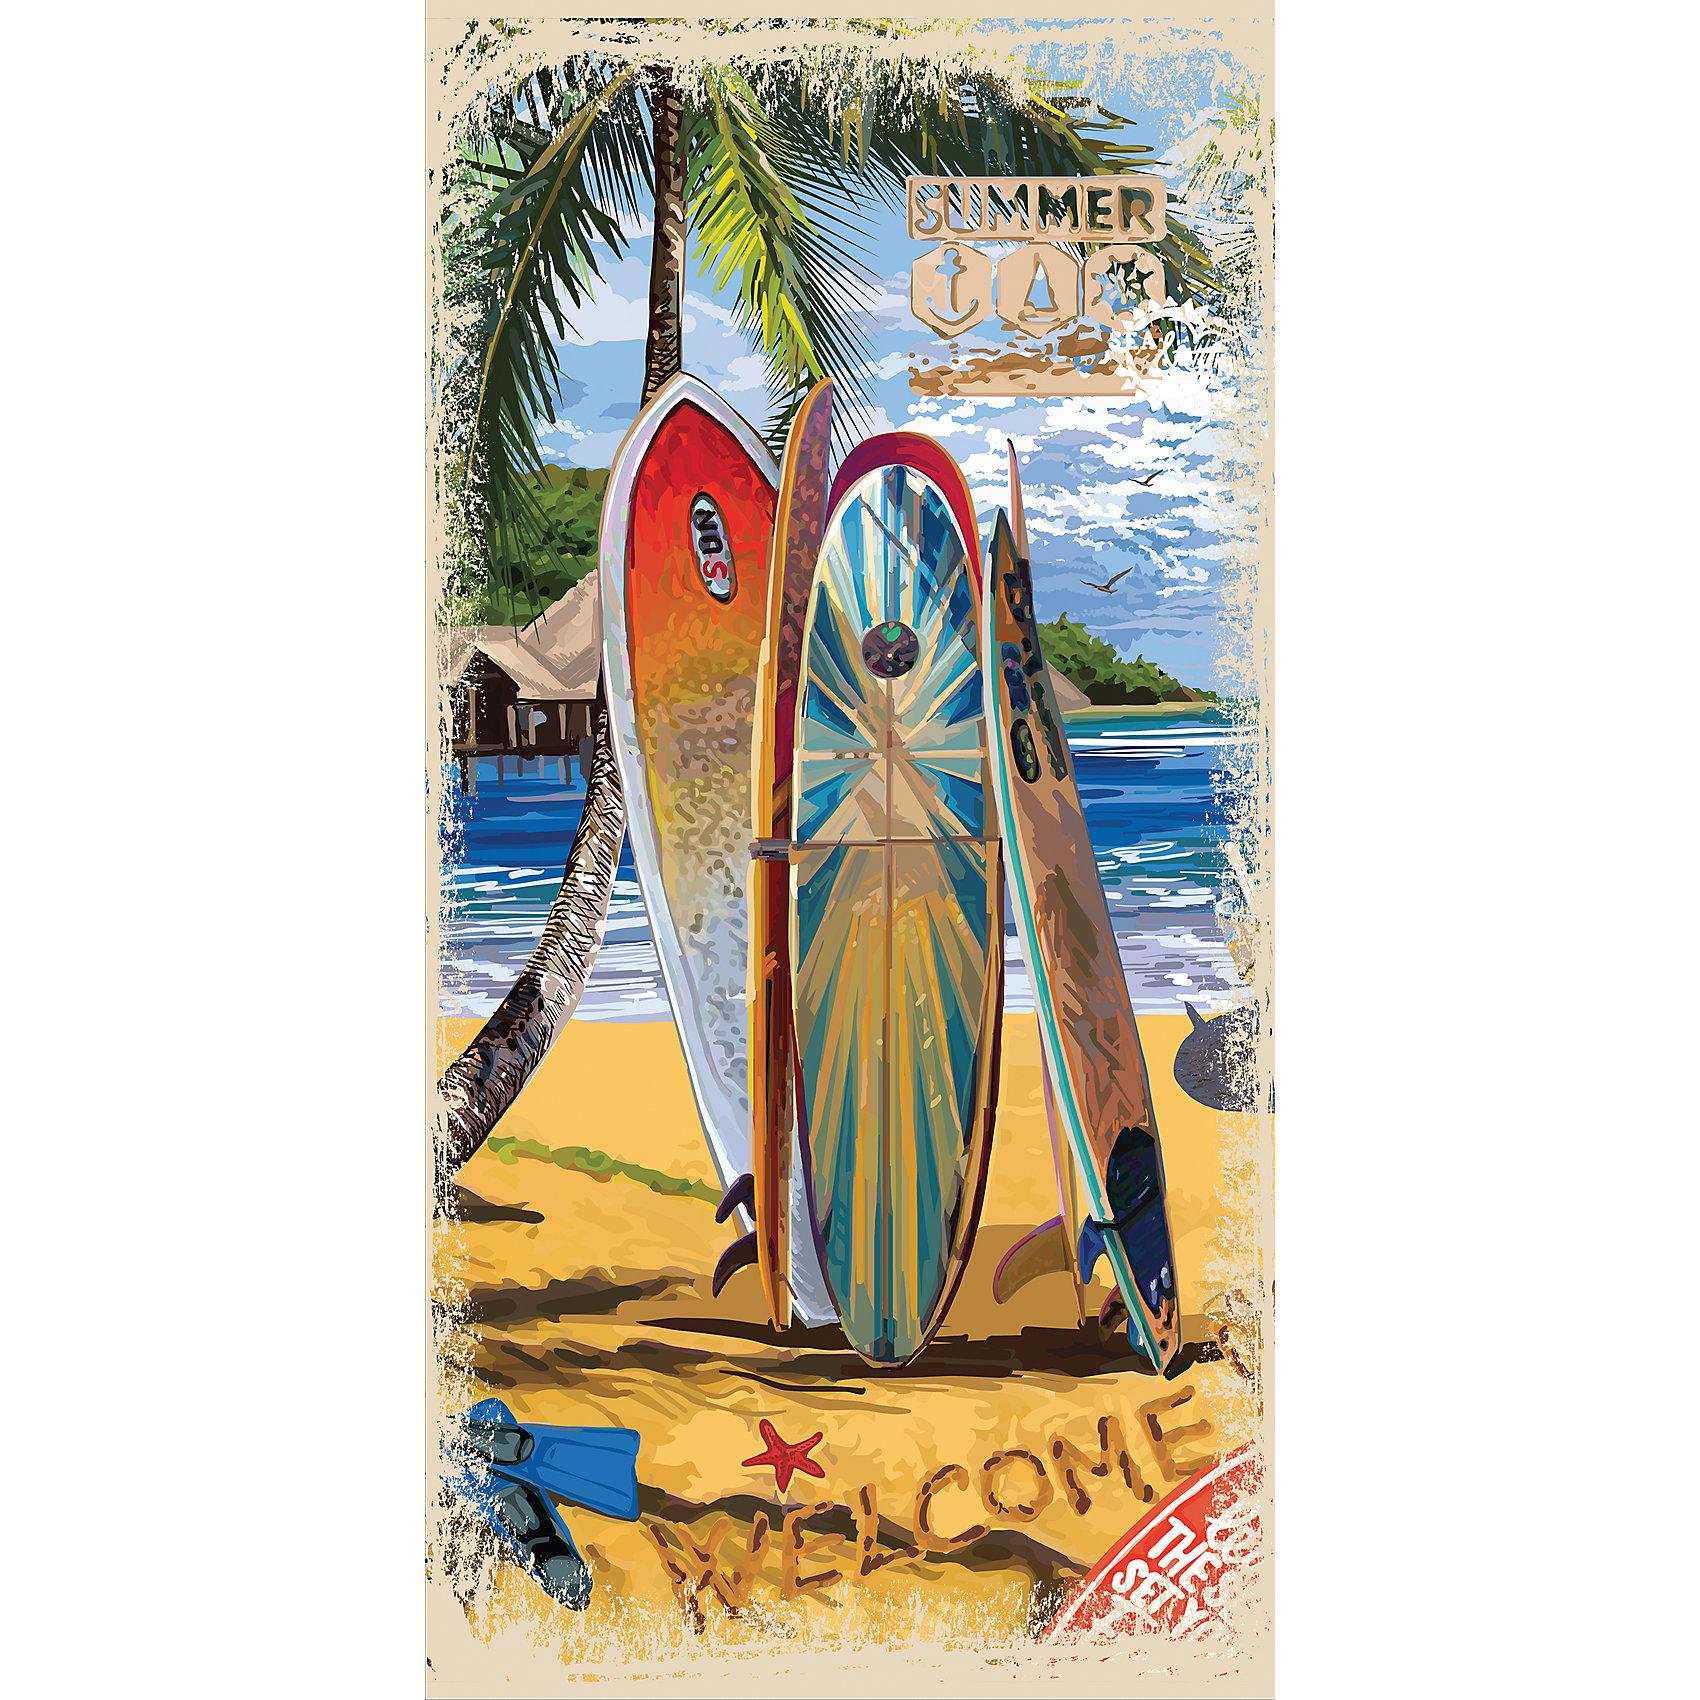 Полотенце 70*140 Summer Surf, Mona LizaПляжные полотенца<br>Характеристики:<br><br>• материал: махра<br>• состав: 70% хлопок, 30% велюр<br>• размер полотенца: 70х140 см<br>• размер упаковки: 37х1х25 см<br>• вес: 350 грамм<br><br>Пляжное полотенце Summer Surf обладает высокой гигроскопичностью и ярким дизайном. Изделие выполнено из мягкого материала, приятного телу. Оно быстро впитывает влагу, обеспечивая сухость и уют. Махровое полотенце не вызывает аллергии и легко поддается стирке, сохраняя яркость цвета. К тому же, махра практически не мнется и легко разглаживается при необходимости.<br><br>Полотенце 70*140 Summer Surf, Mona Liza (Мона Лиза) вы можете купить в нашем интернет-магазине.<br><br>Ширина мм: 250<br>Глубина мм: 10<br>Высота мм: 370<br>Вес г: 350<br>Возраст от месяцев: 84<br>Возраст до месяцев: 600<br>Пол: Унисекс<br>Возраст: Детский<br>SKU: 6765288